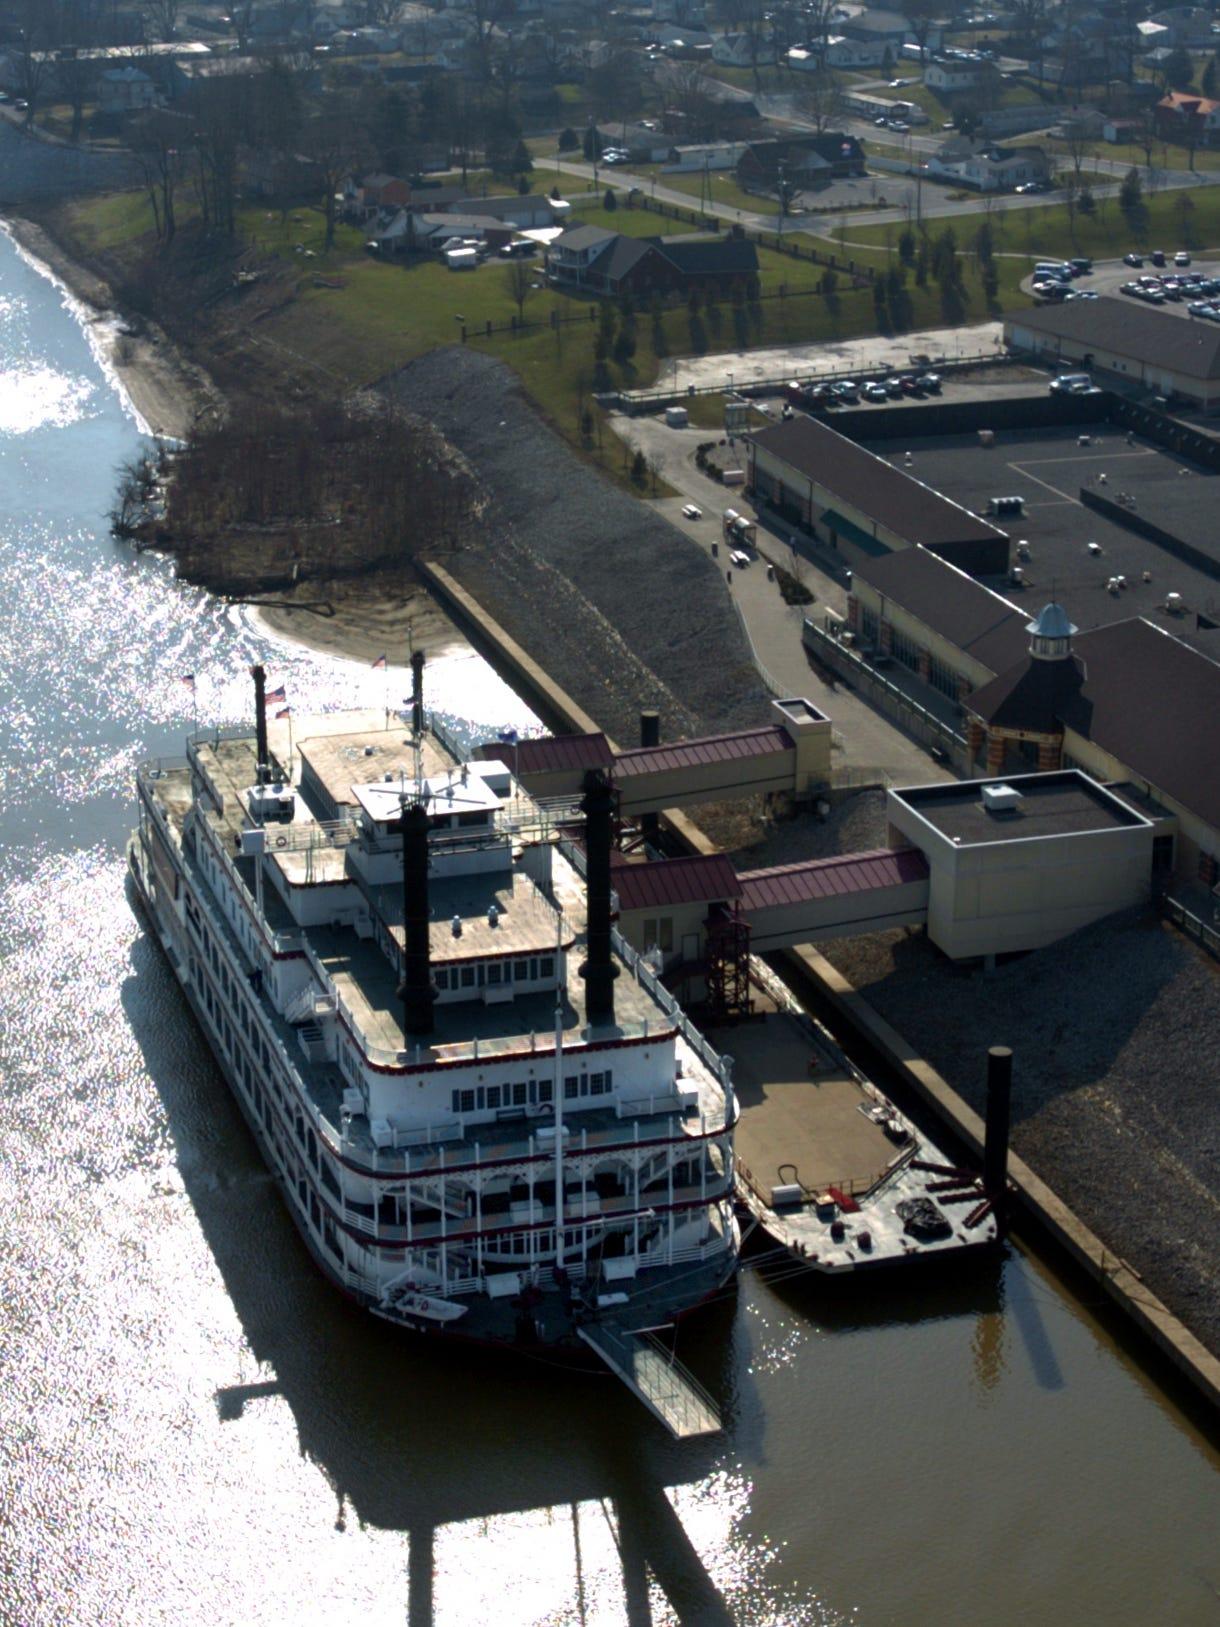 Cincinnati gambling boat onslaught 2 flash game download